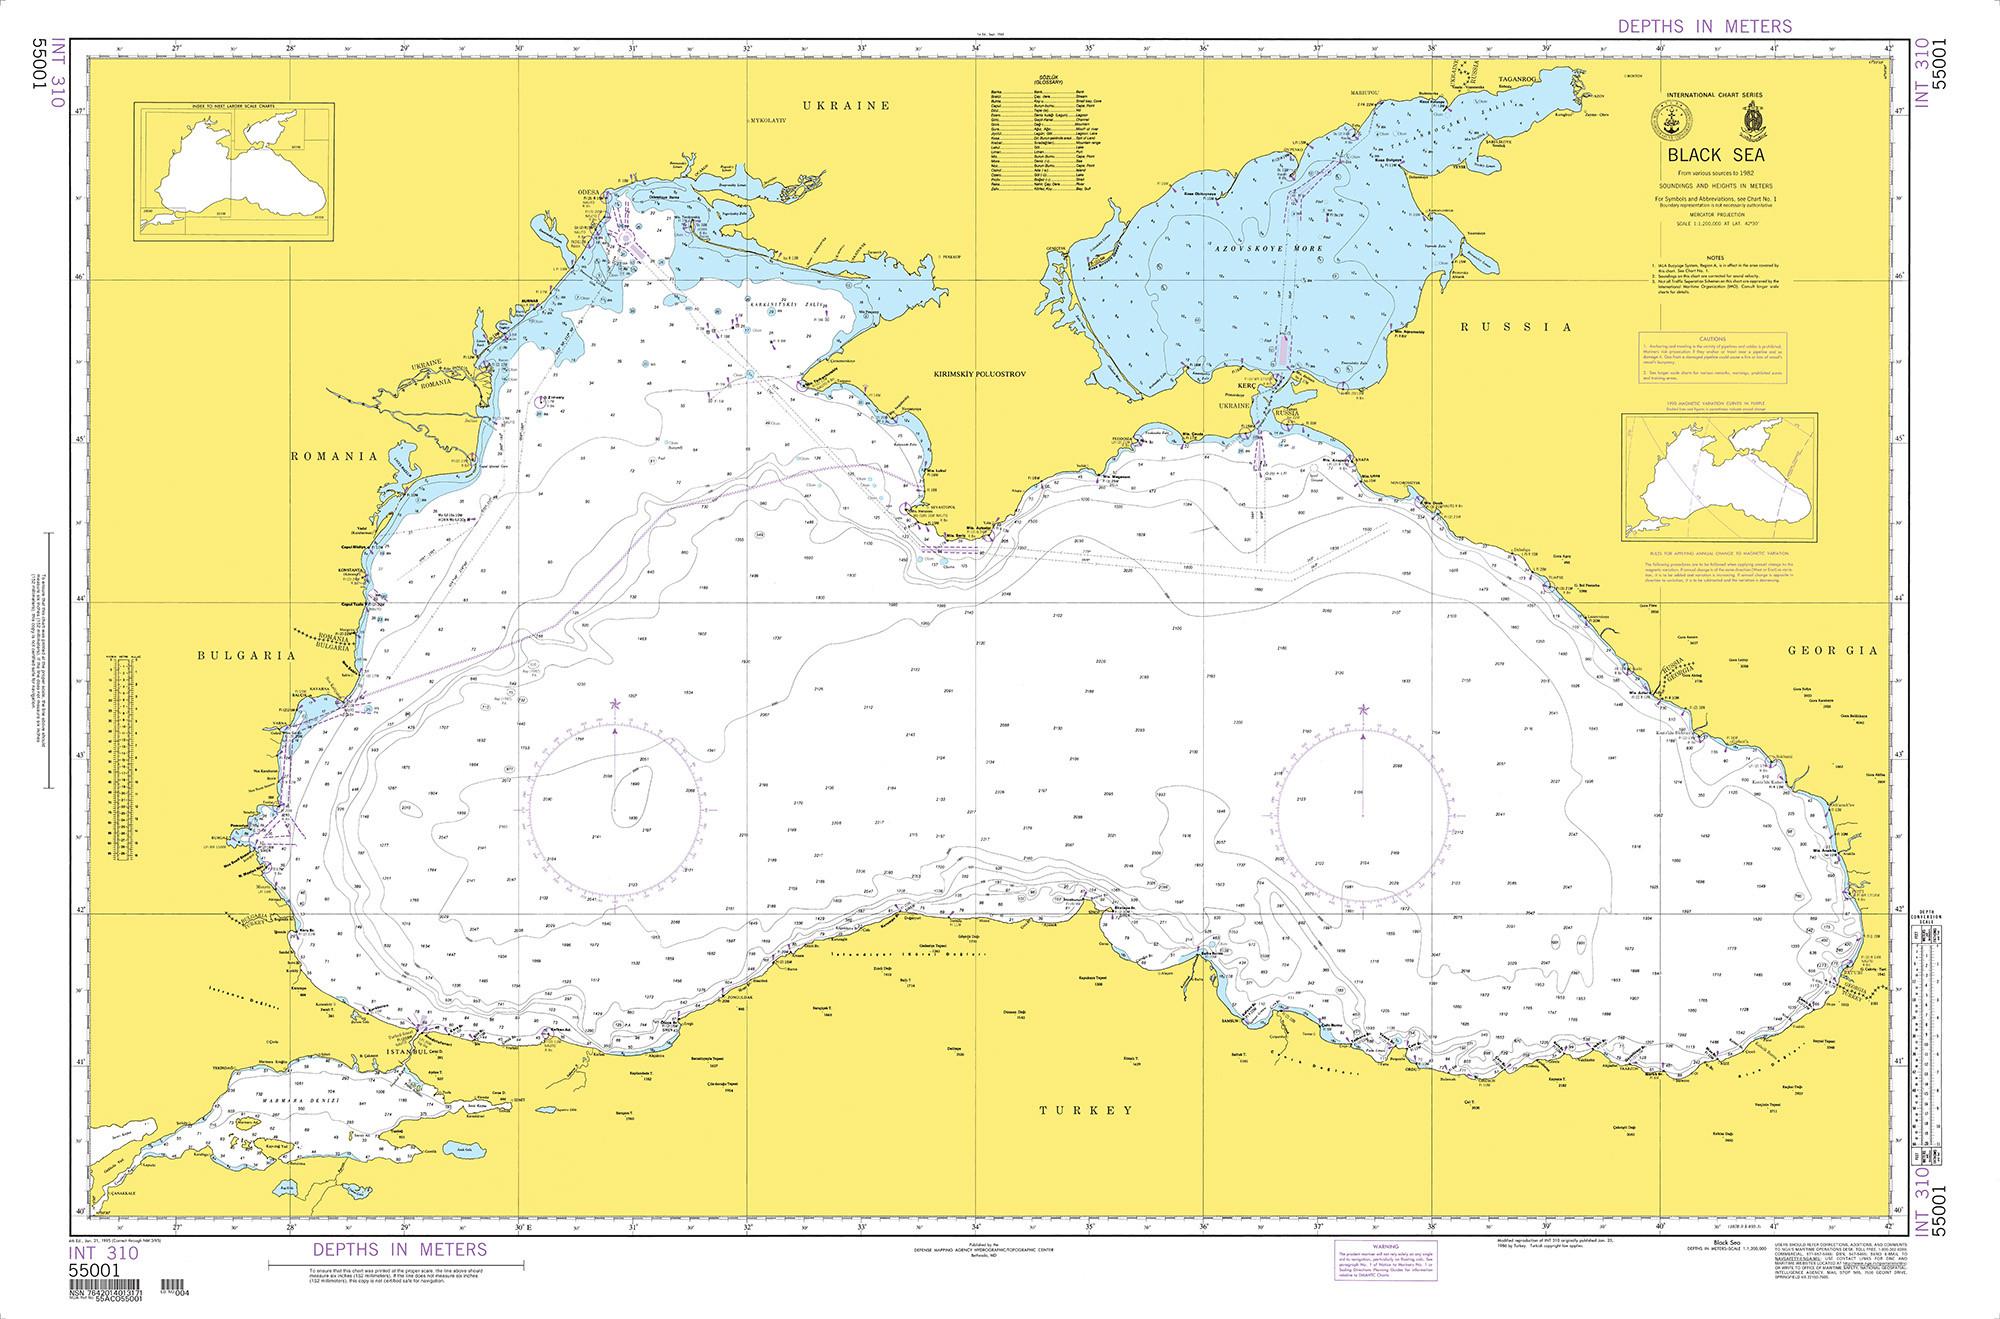 NGA Nautical Chart - 55001 INT. 310, Black Sea